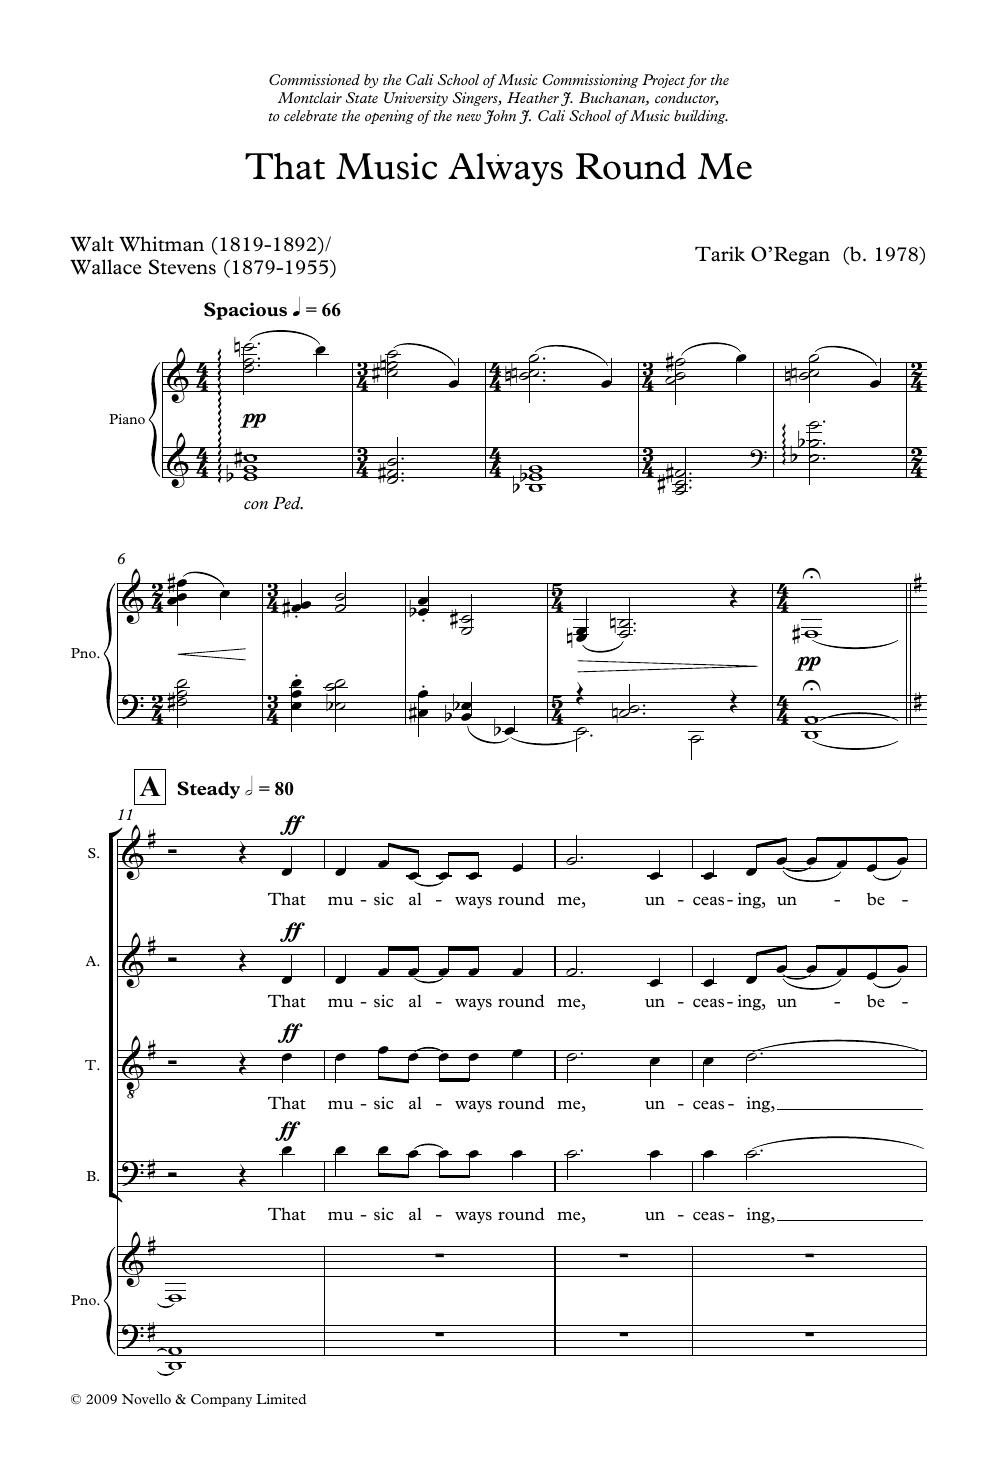 Tarik O'Regan - That Music Always Round Me